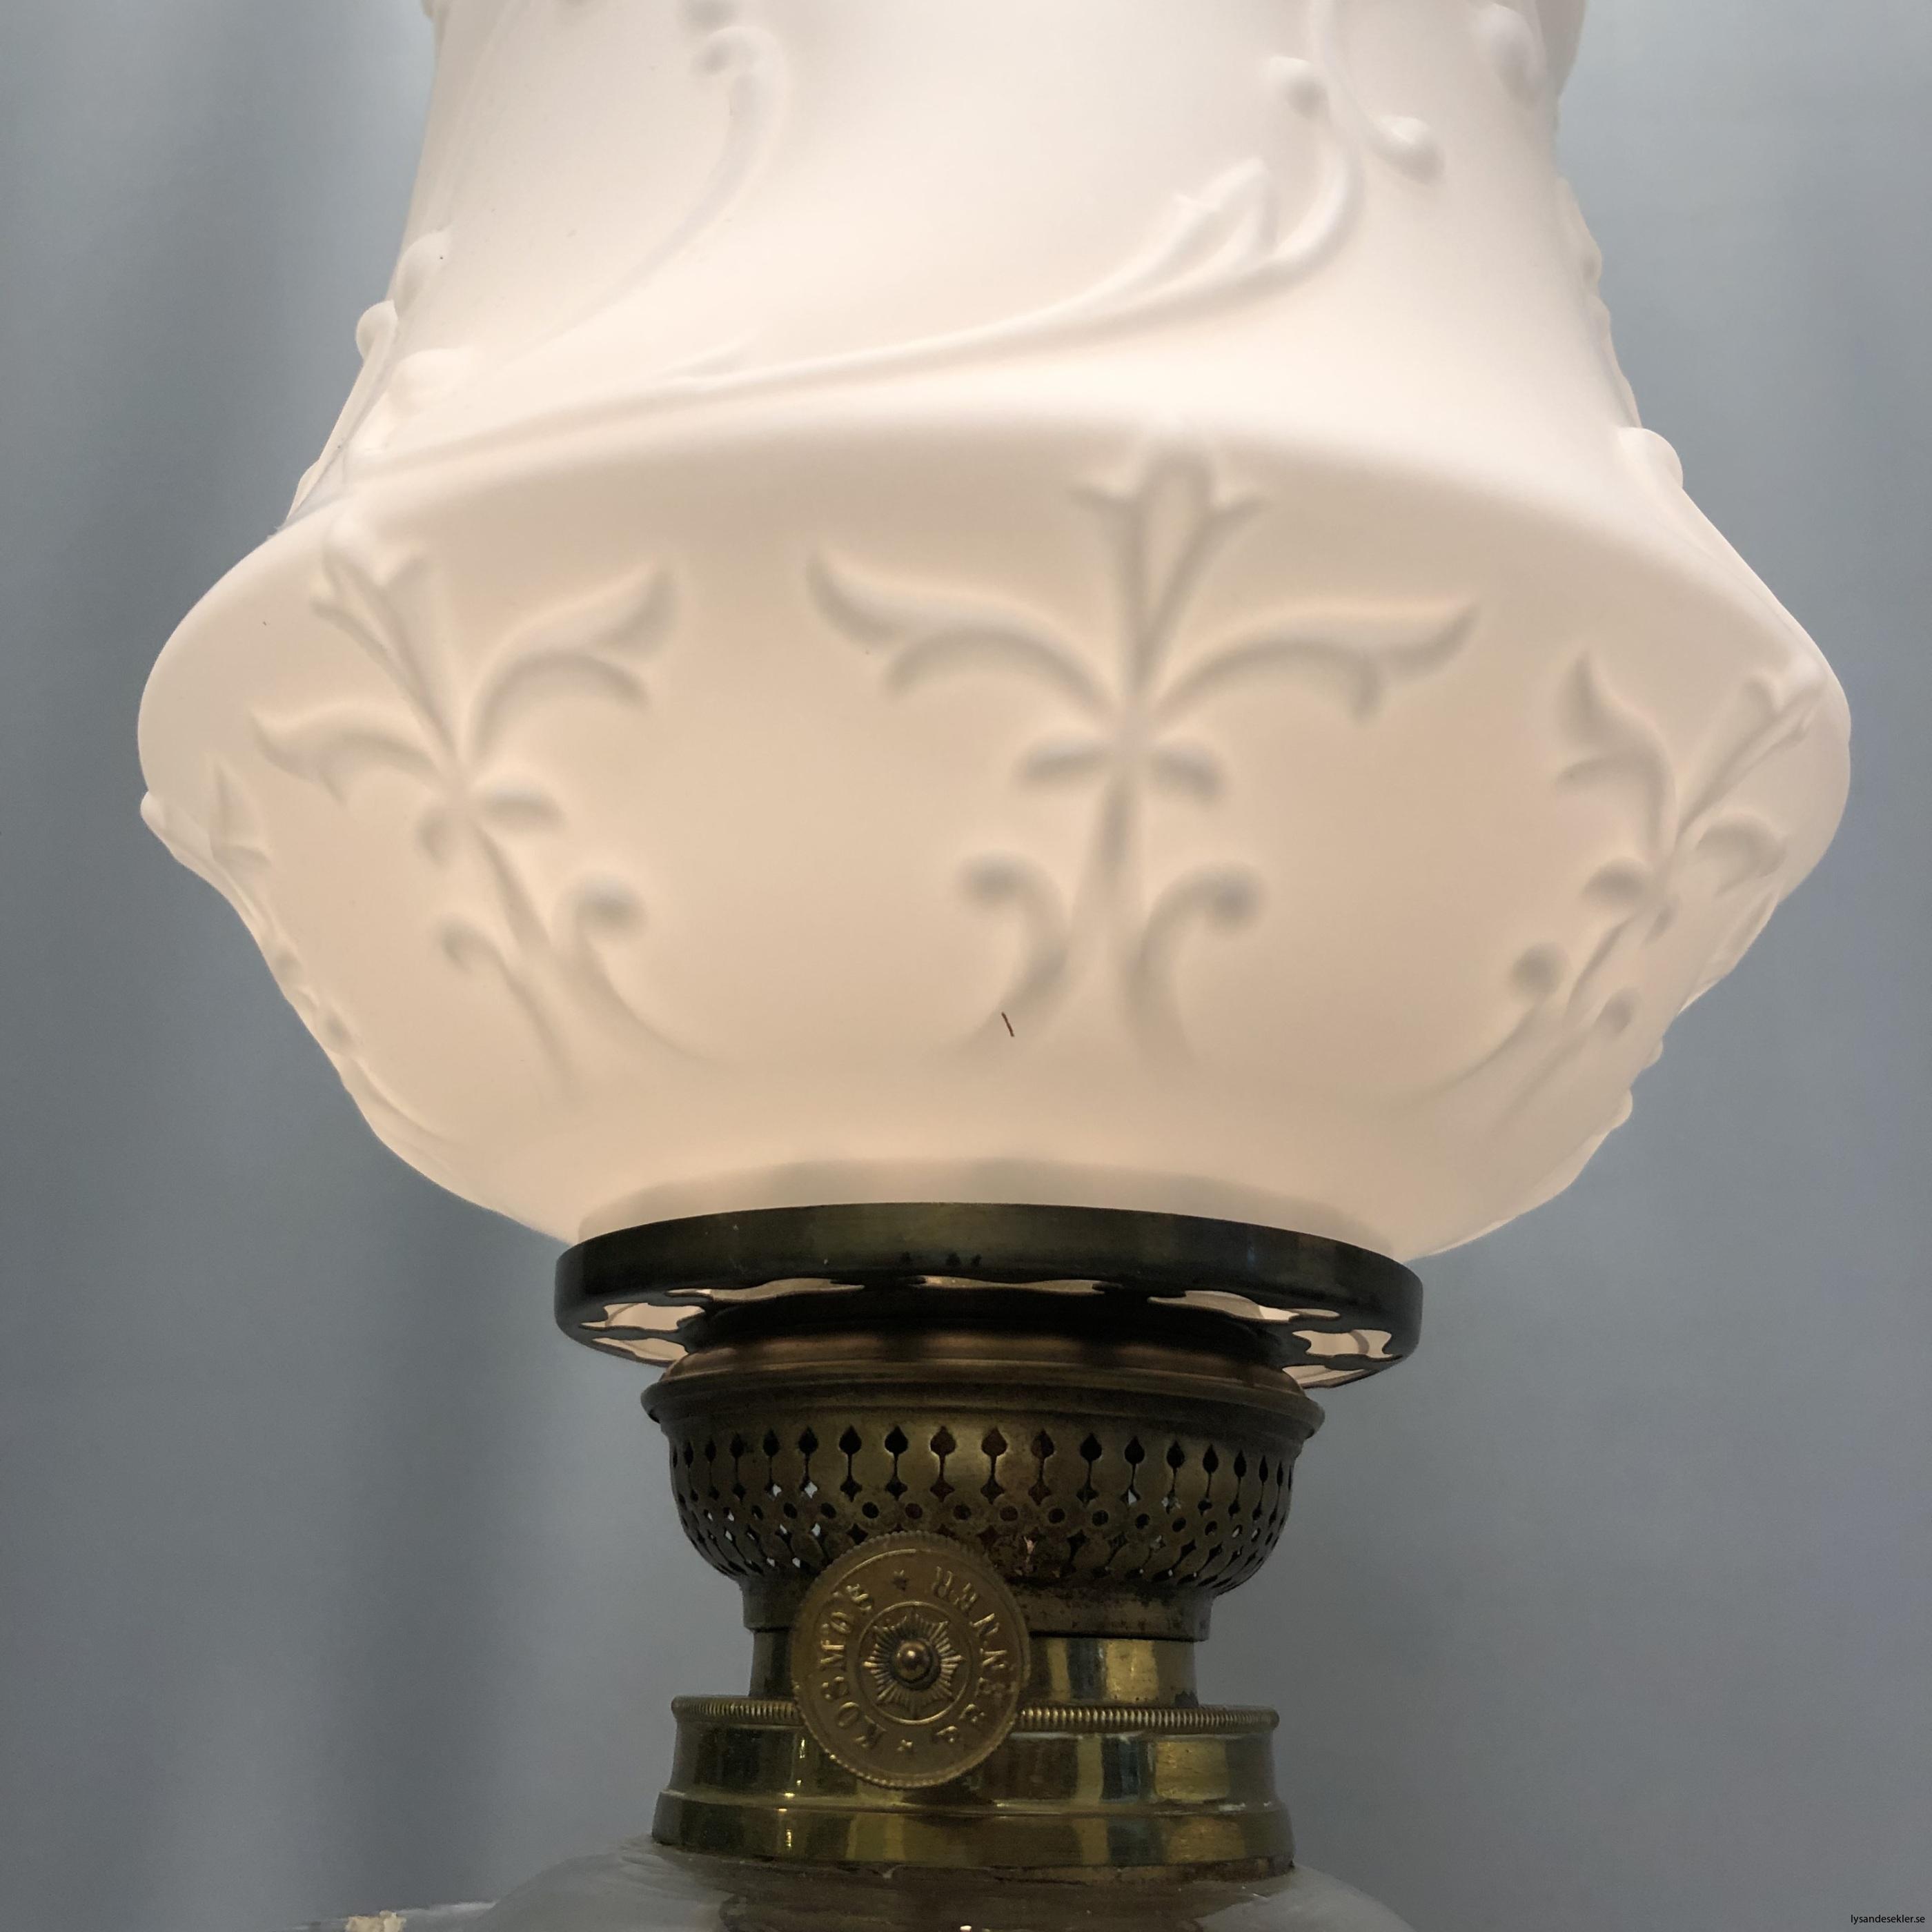 matt vit tulpankupa till fotogenlampa 4